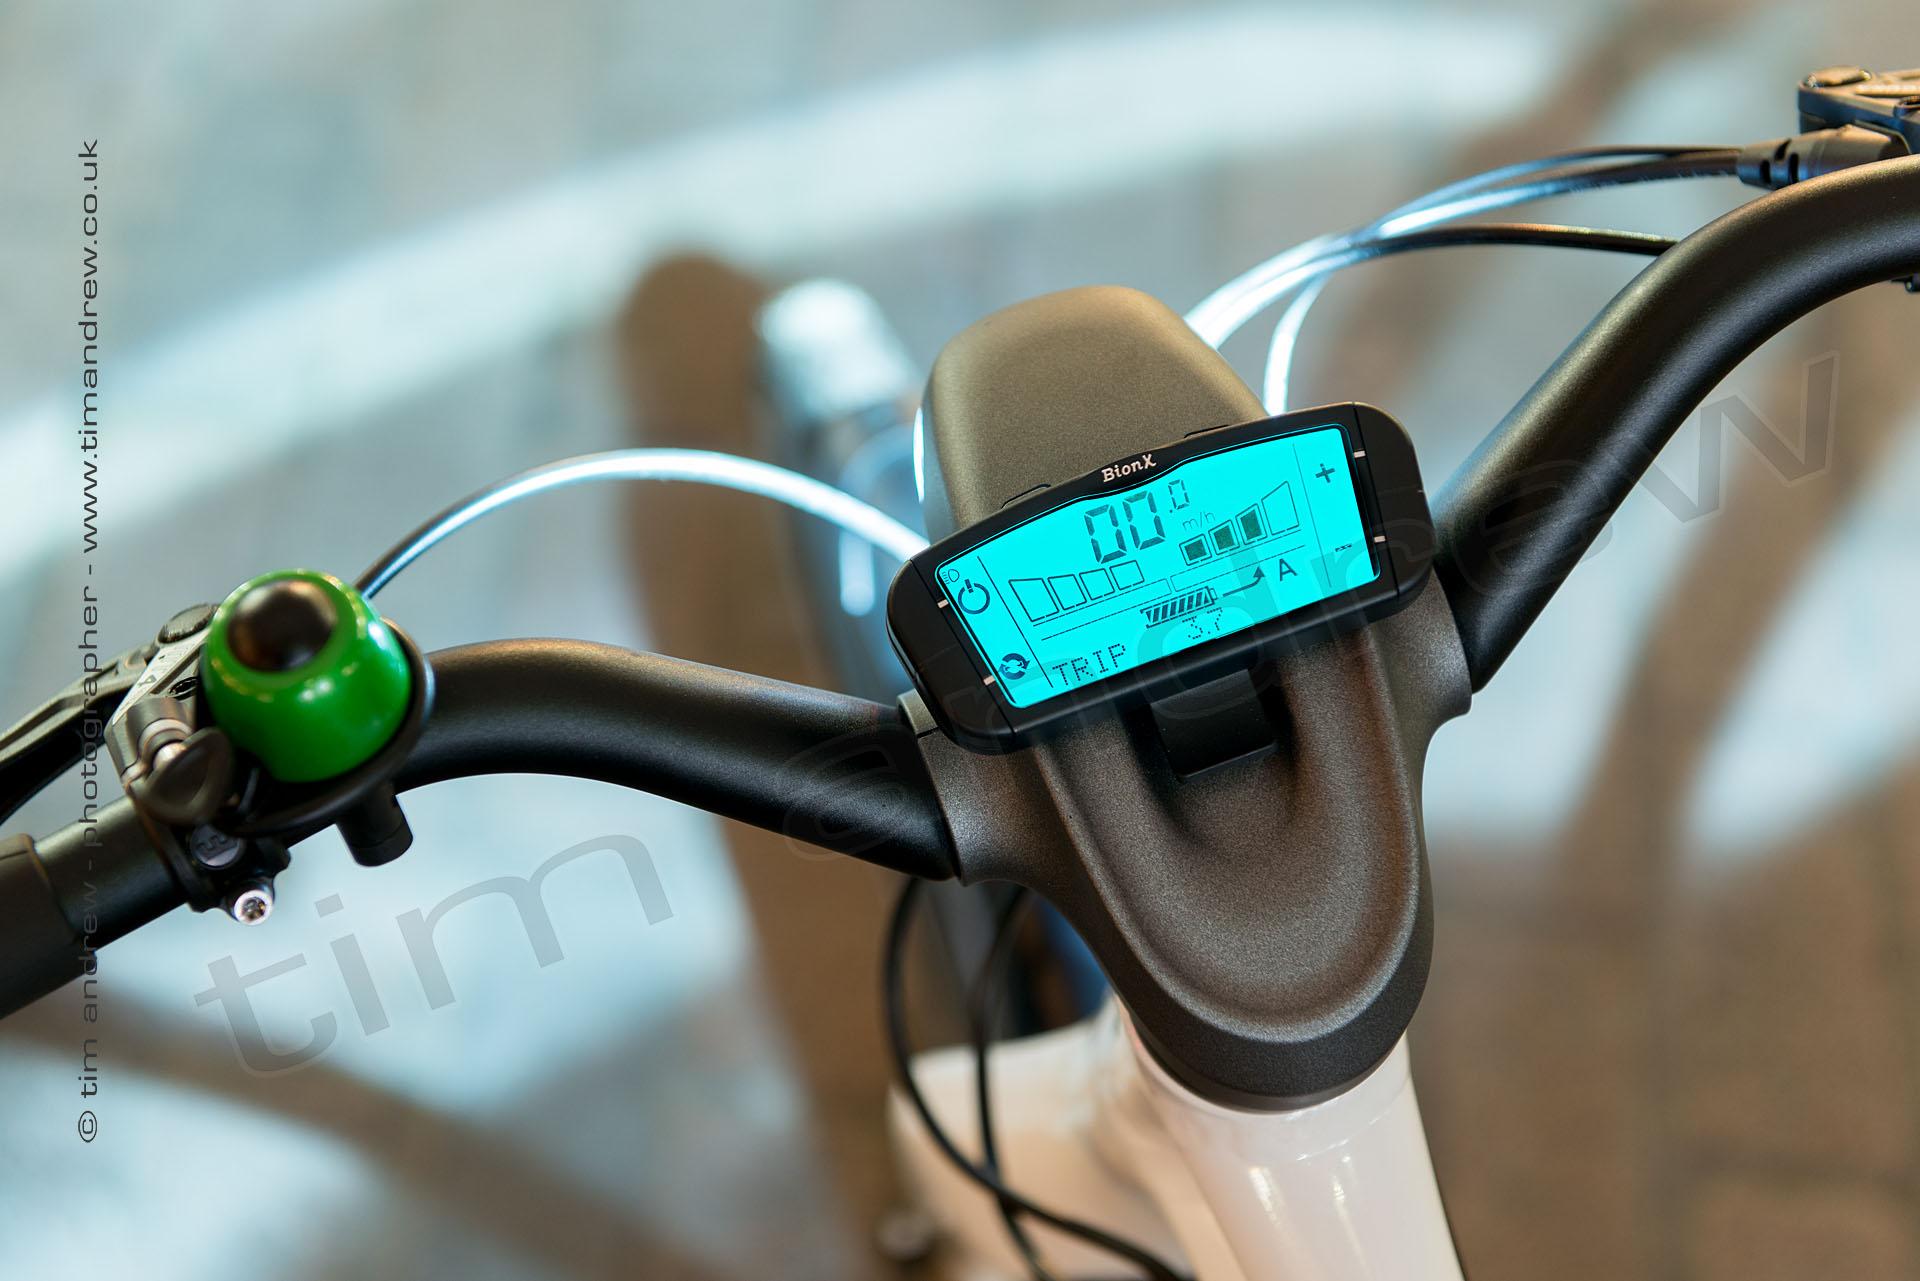 Smart E-bike instruments